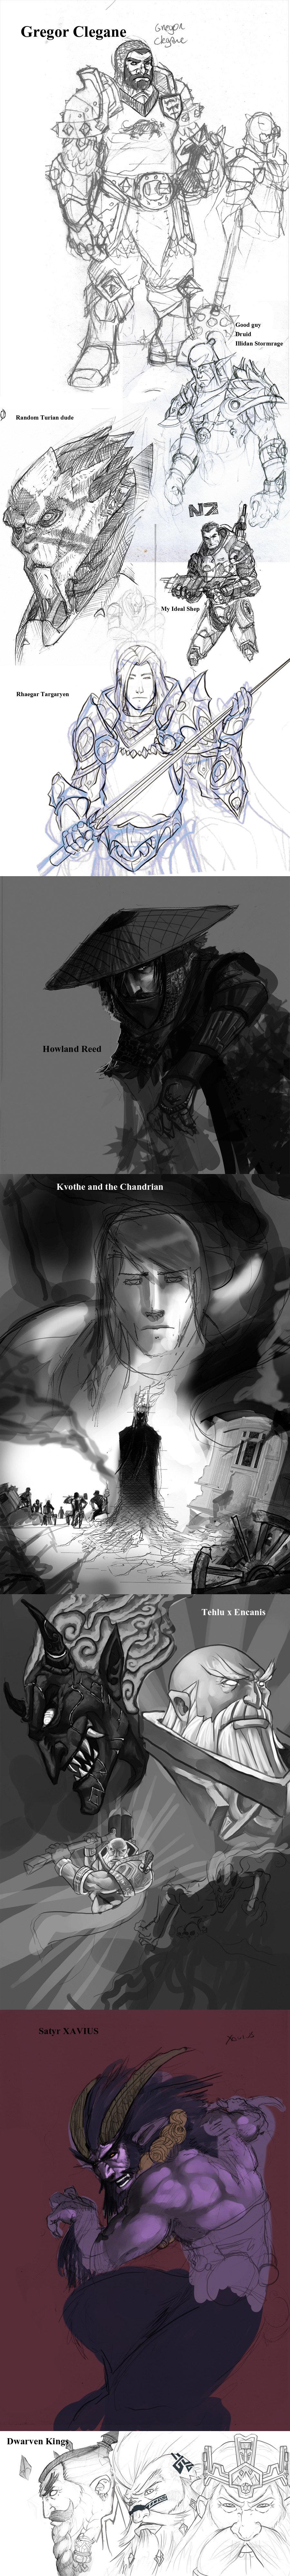 Sketch Dump Time!